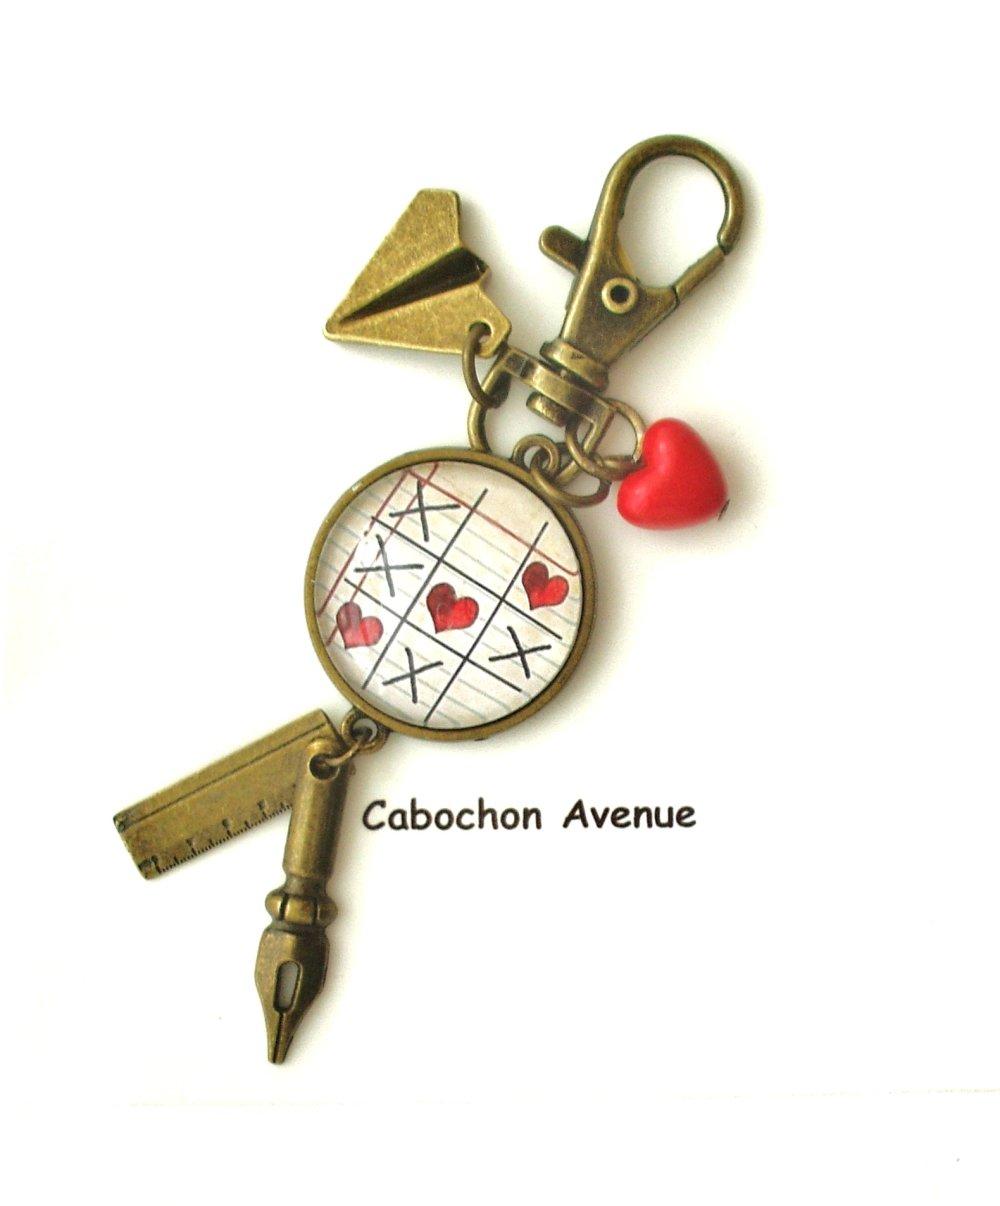 Porte-clés bijou de sac fantaisie ATSEM école écriture cabochon ATSEM cadeau fin d'année cadeau atsem accessoire bronze verre